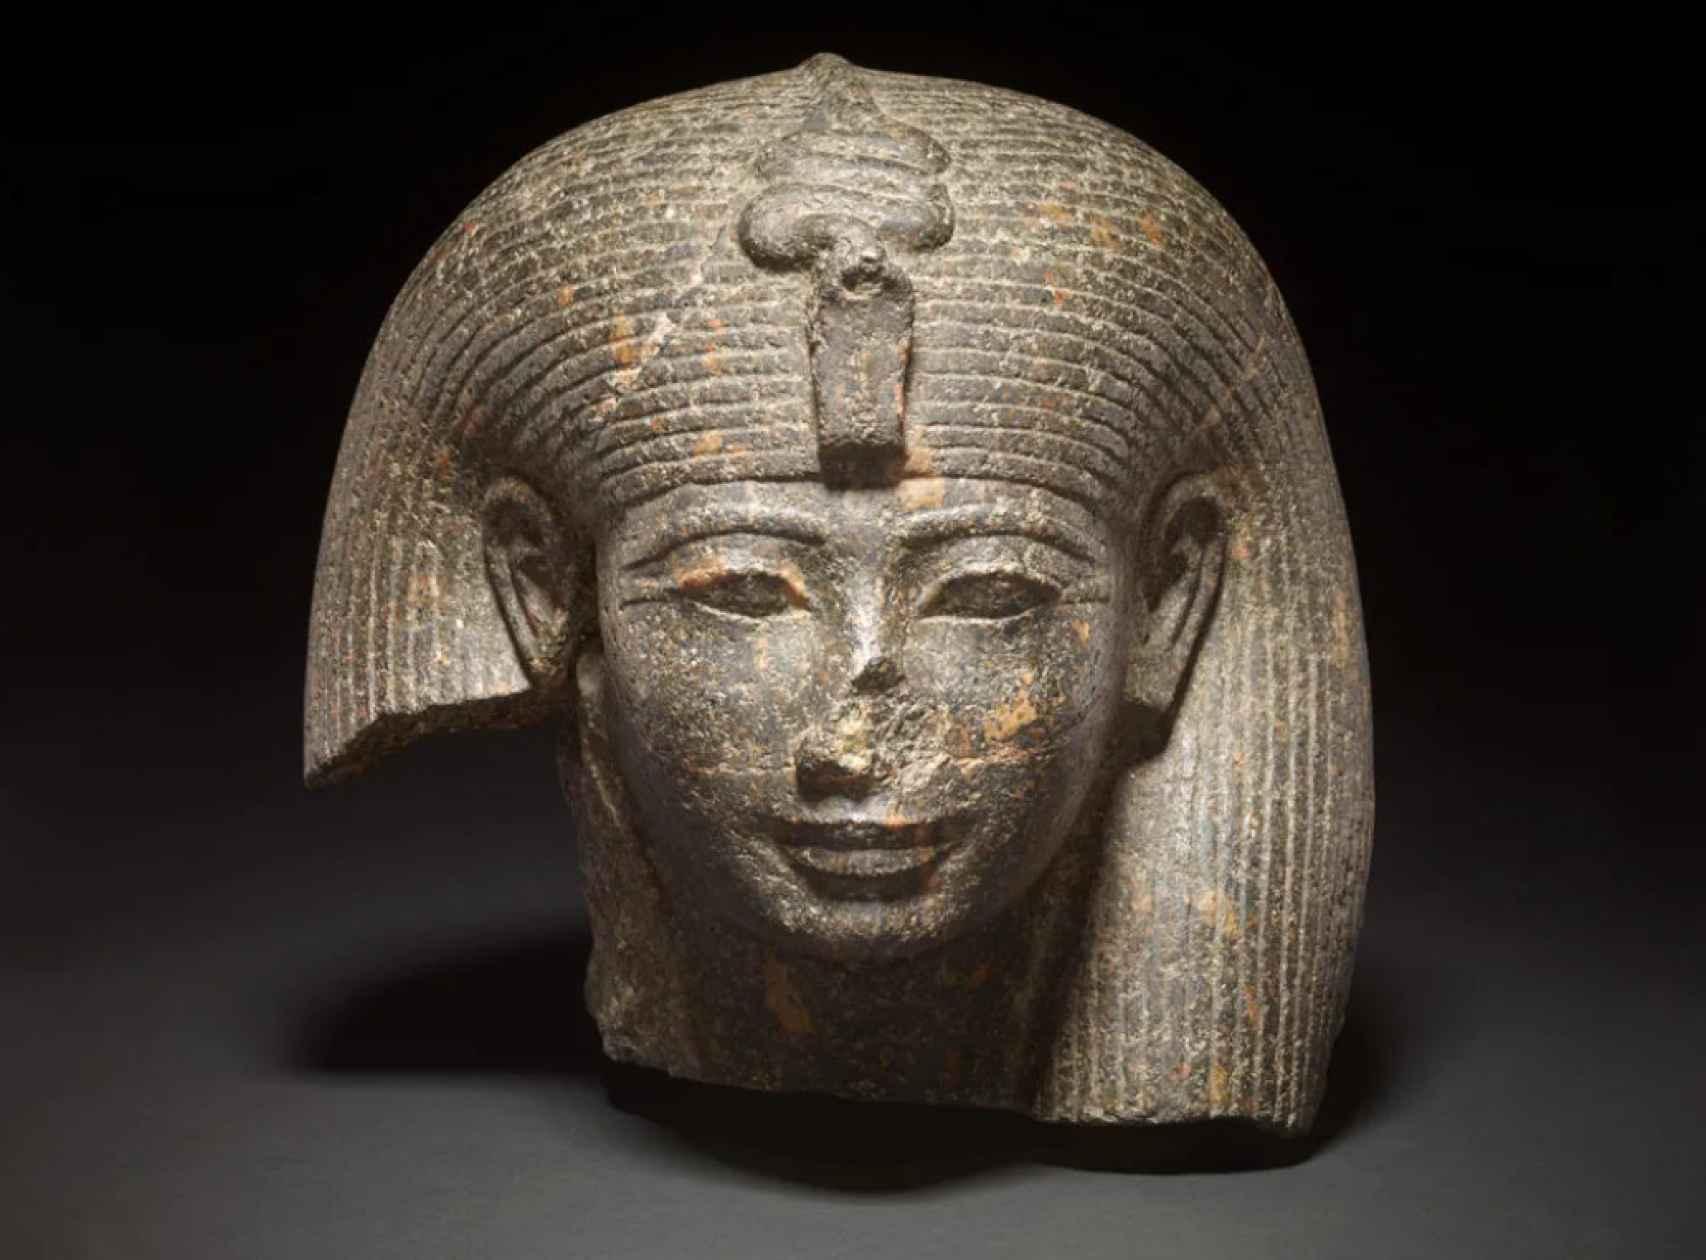 Cabeza de reina o diosa de la Dinastía XVIII del Antiguo Egipto.